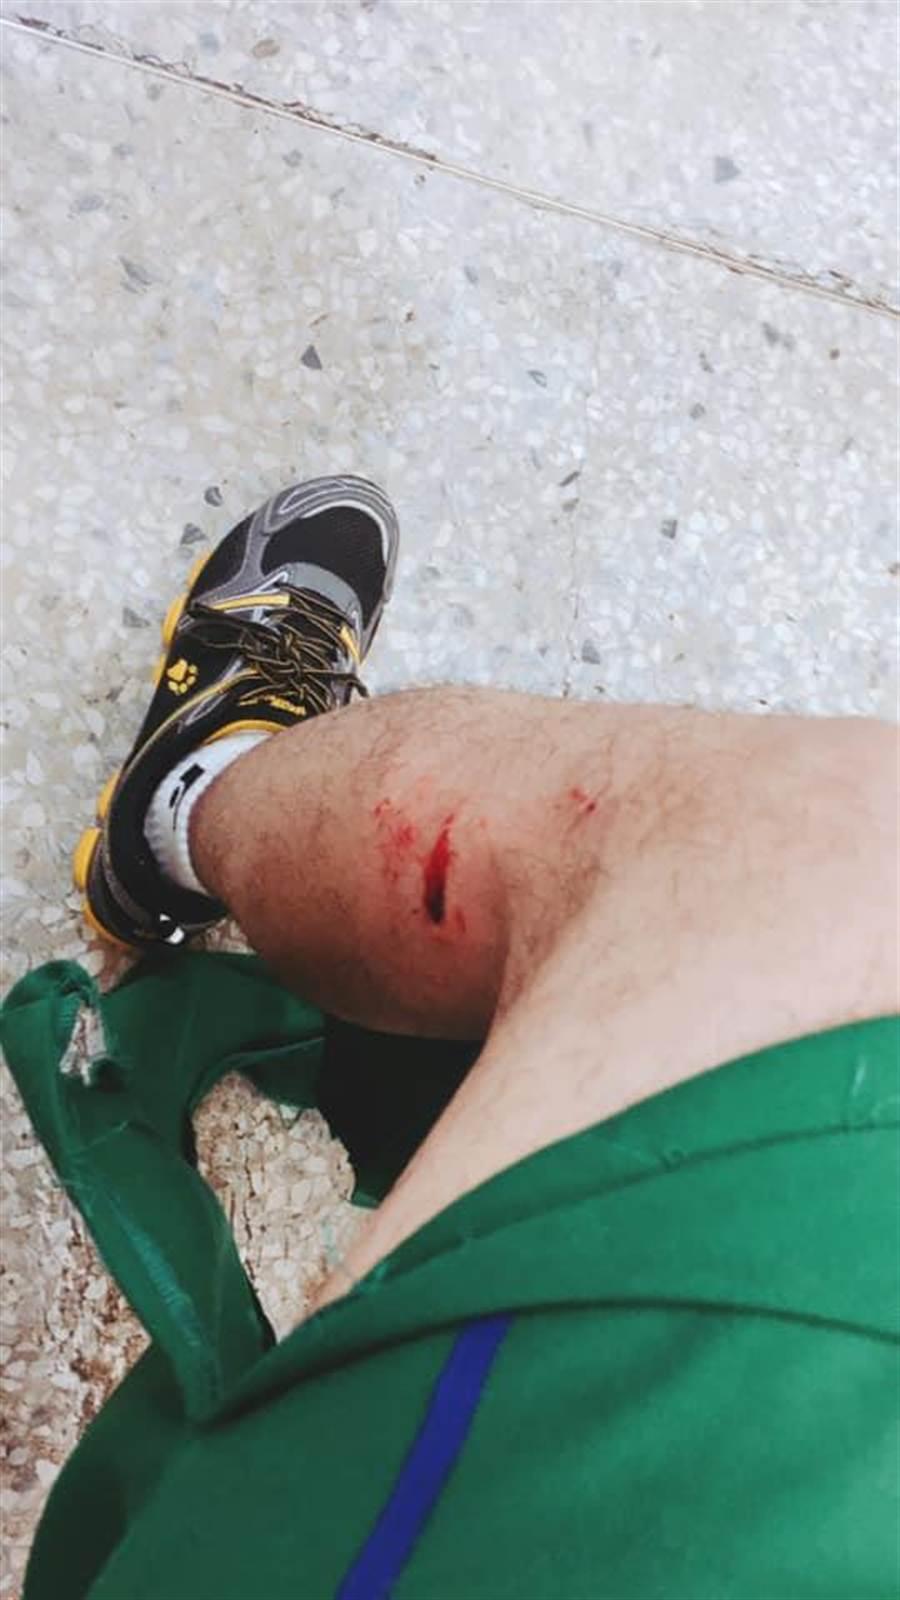 曾姓郵務士不僅半邊褲子全毀,腿部也出現多處傷痕。(莊旻靜翻攝)